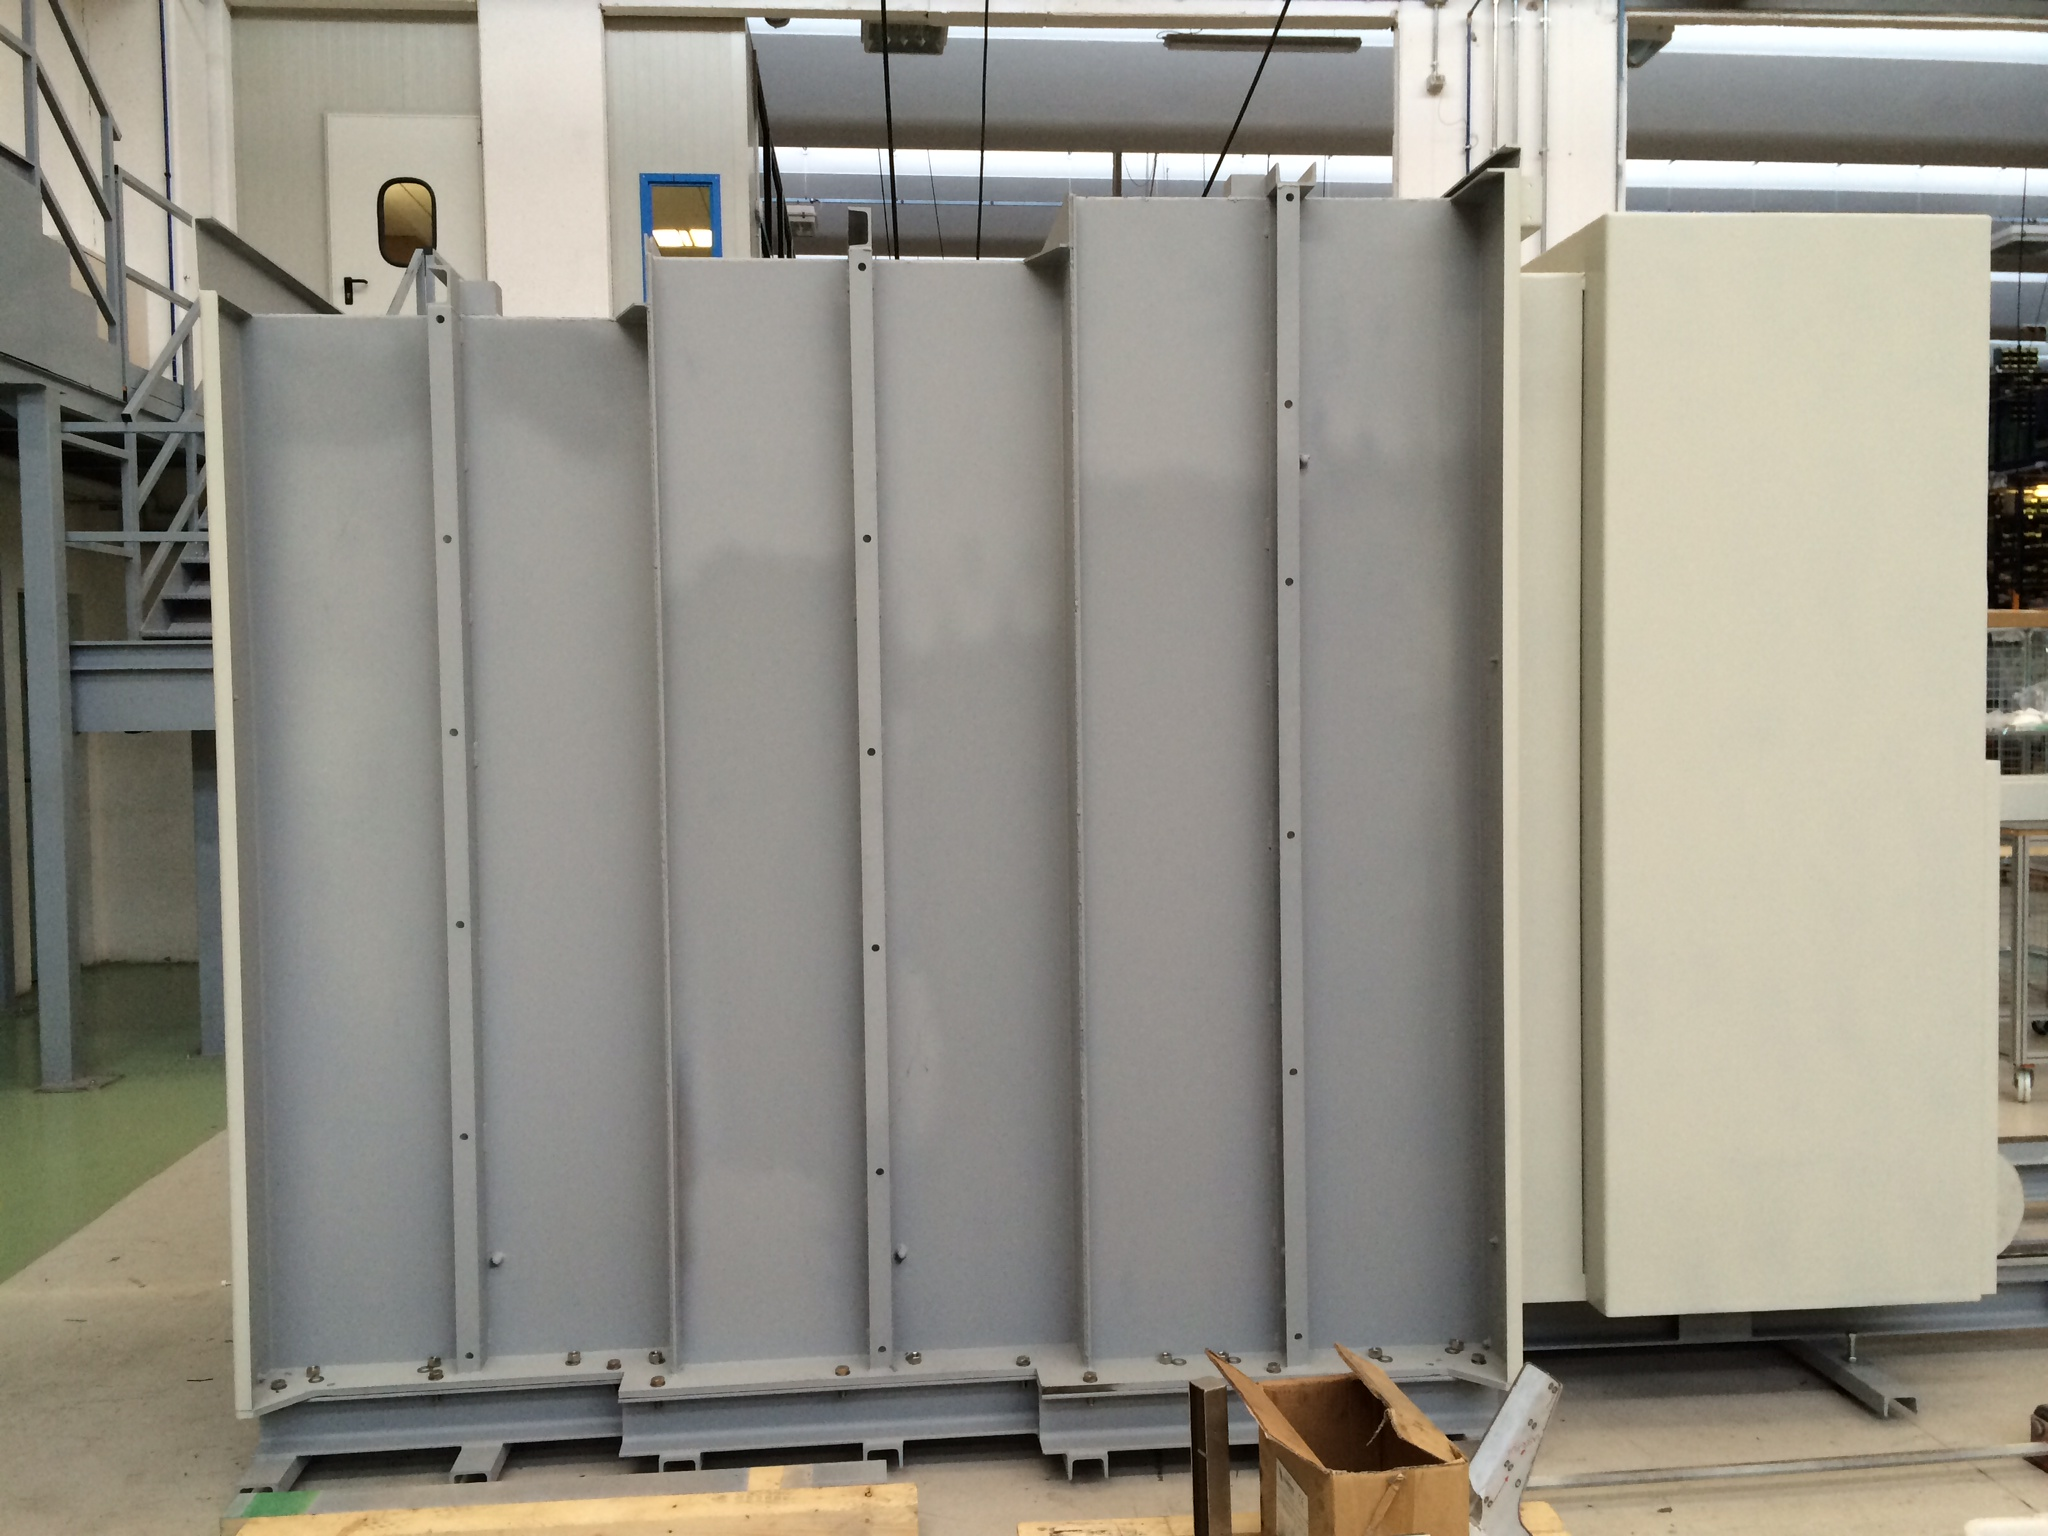 Bunker door frame at factory in Italy